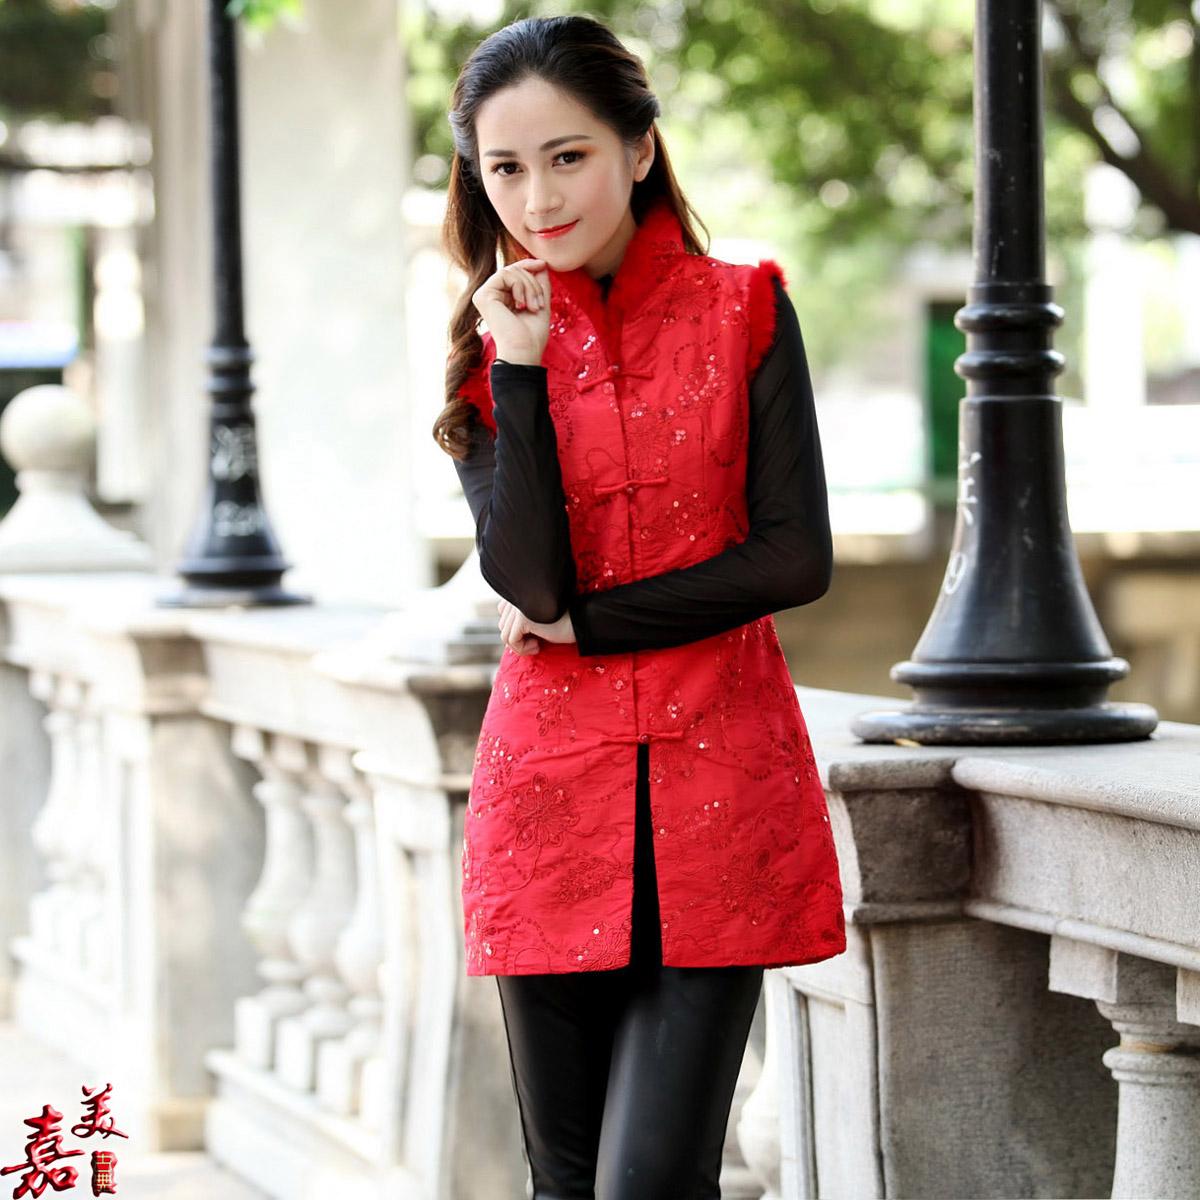 吉祥红色中式绣花棉旗袍上衣冬装新款女士唐装棉马夹马甲背心礼服